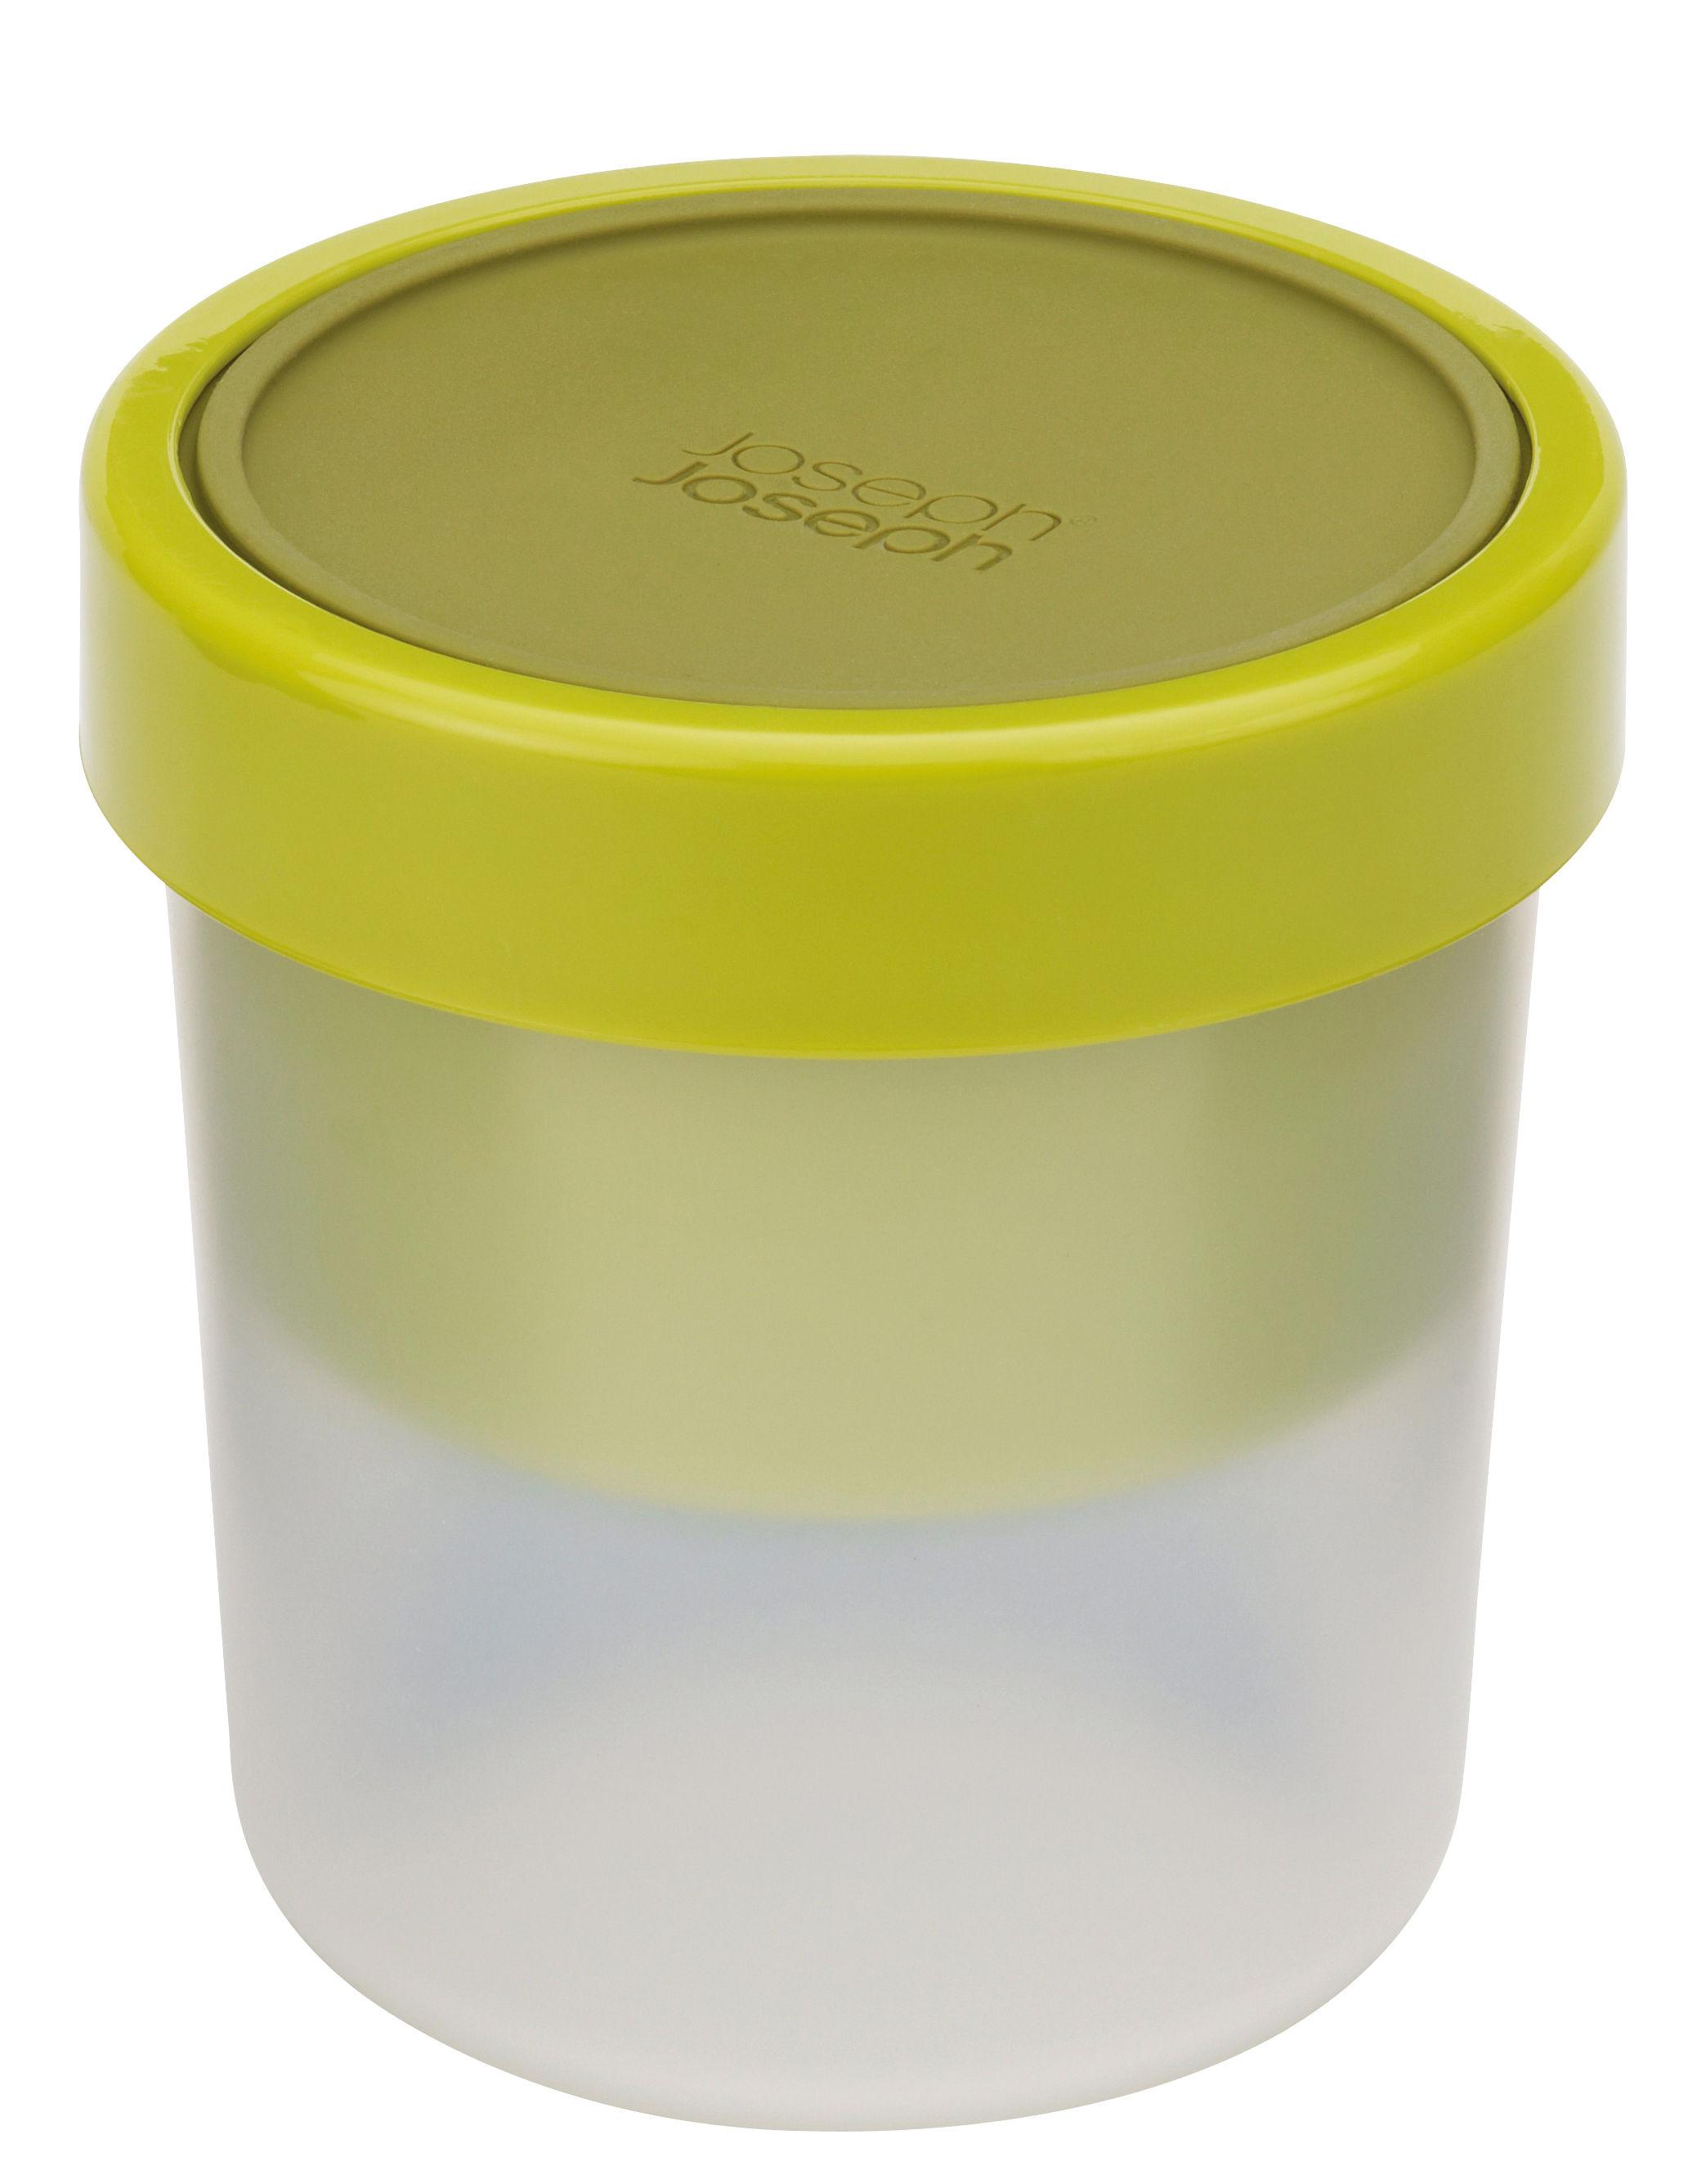 Cucina - Lattine, Pentole e Vasi - Contenitore ermetico GoEat - / Minestra - Set da 2 scatole impilabili di Joseph Joseph - Verde - Polipropilene, Silicone